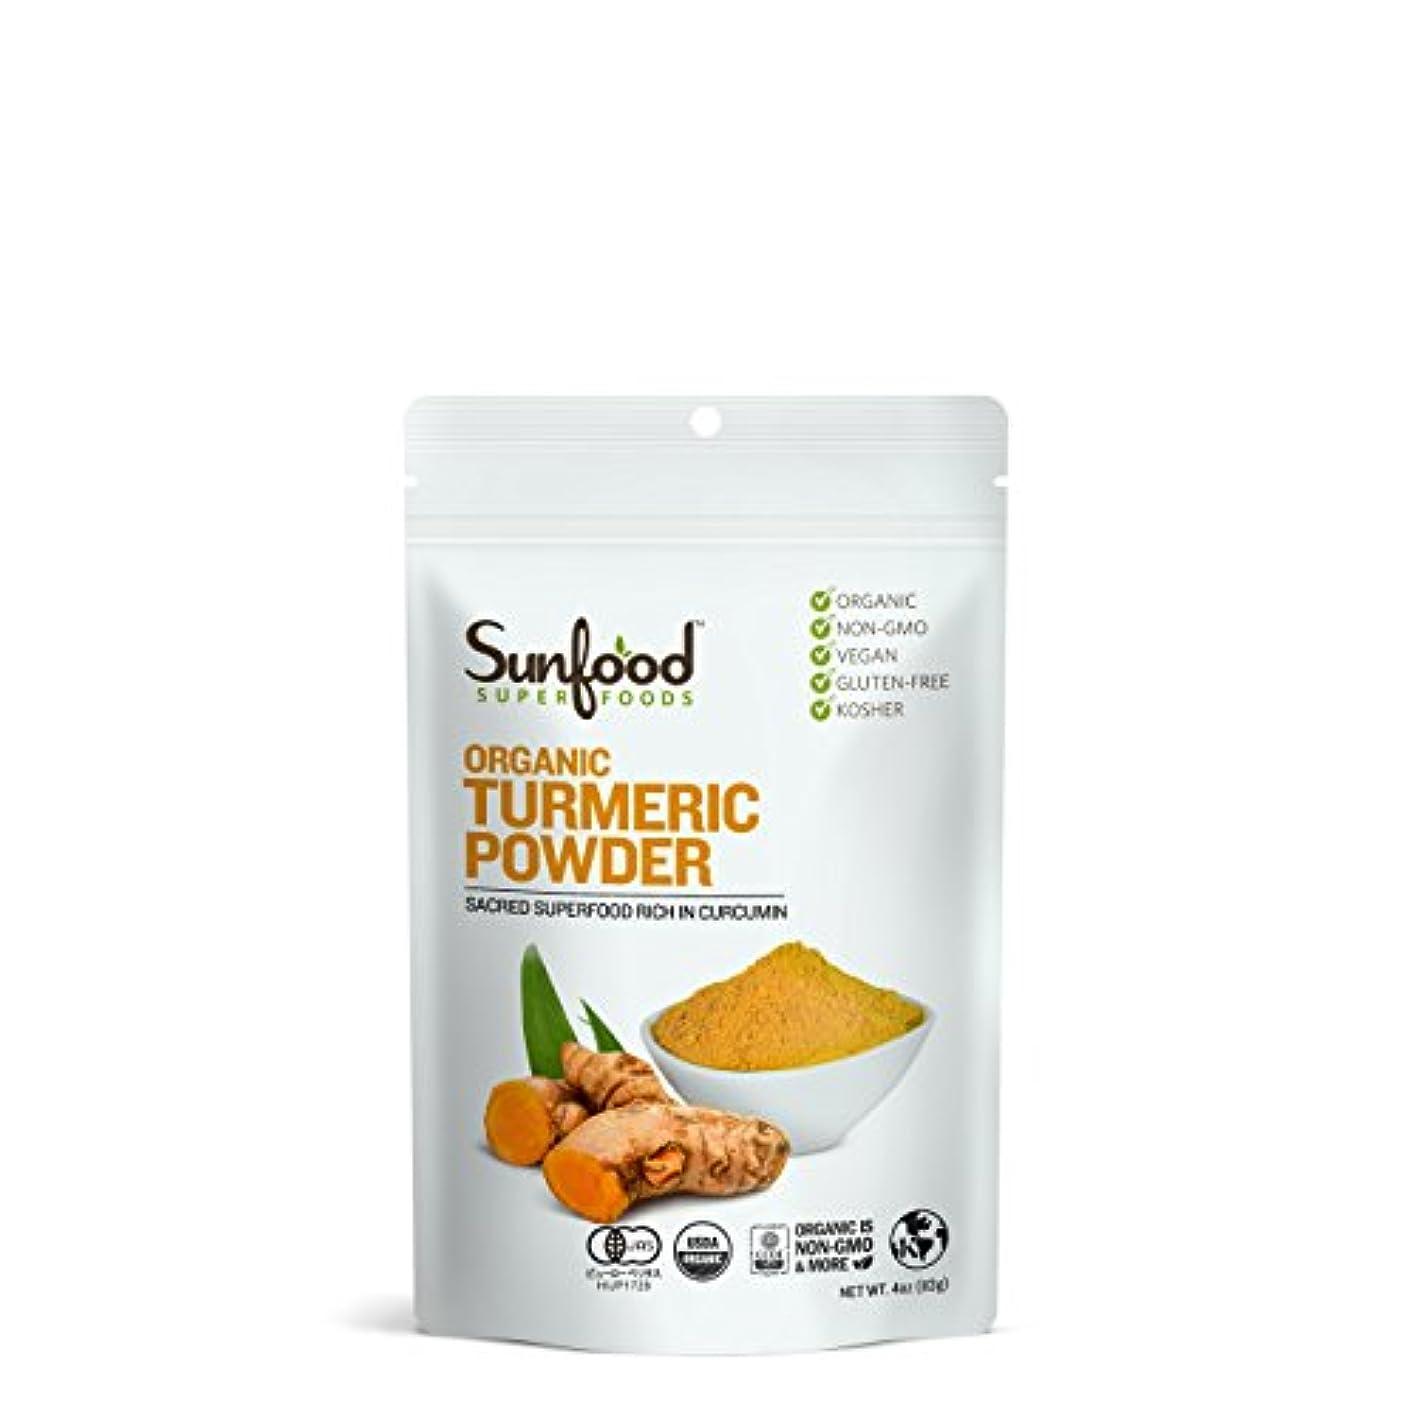 小学生軍団署名サンフードスーパーフーズ(Sunfood Superfoods) オーガニック ターメリックパウダー 113g【有機JAS認証付】 日本正規品